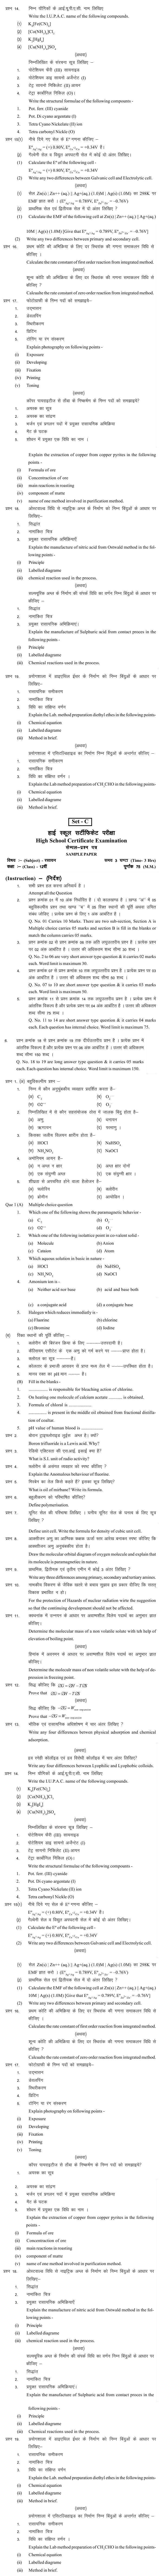 Chattisgarh Board Class 12 ChemistrySample Paper